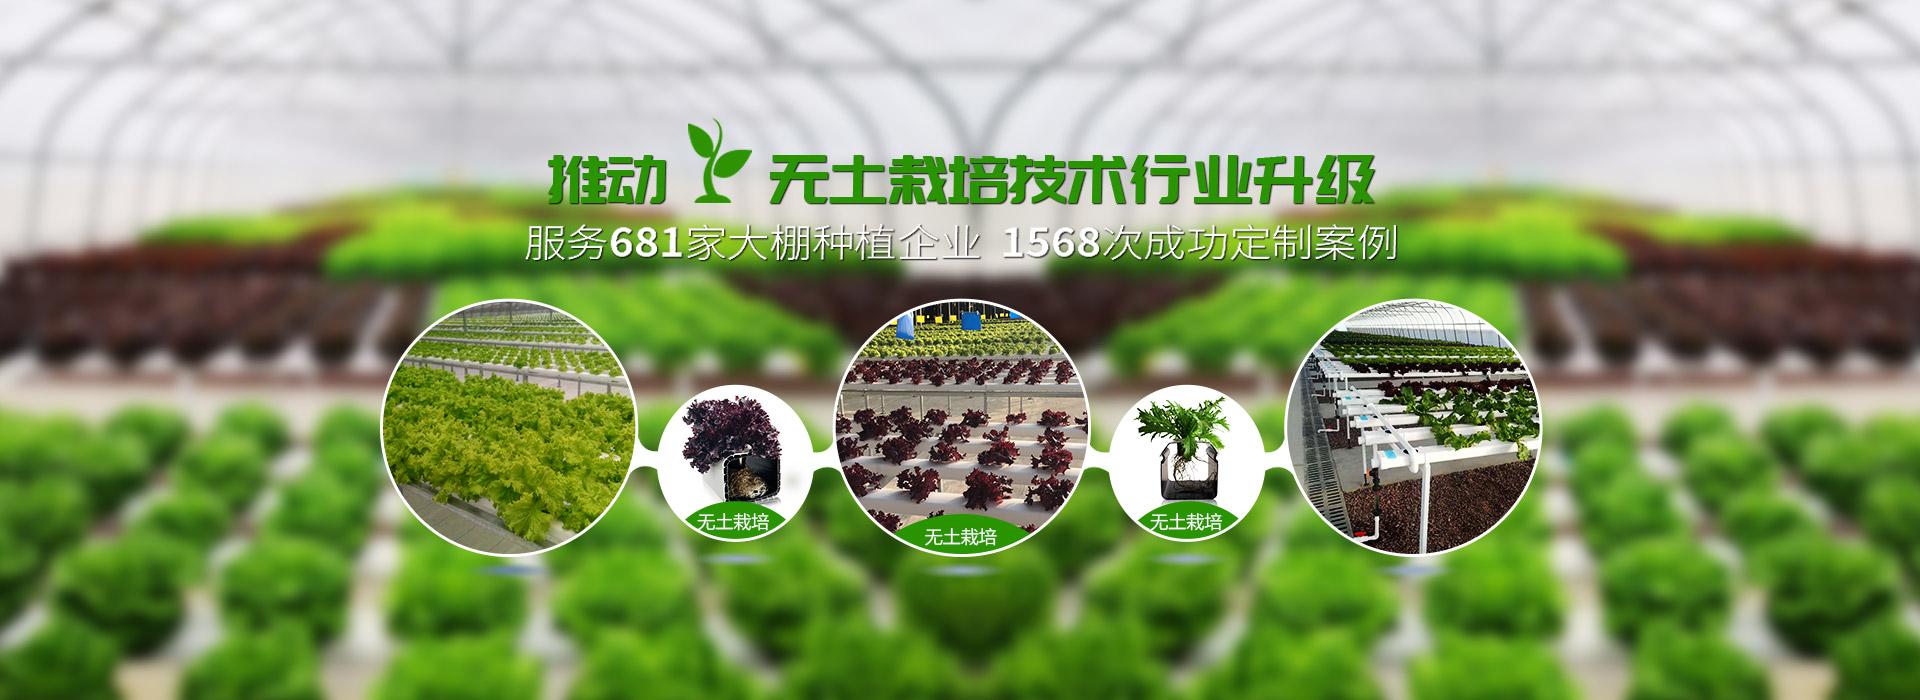 荣诚农业设备-推动无土栽培技术行业升级